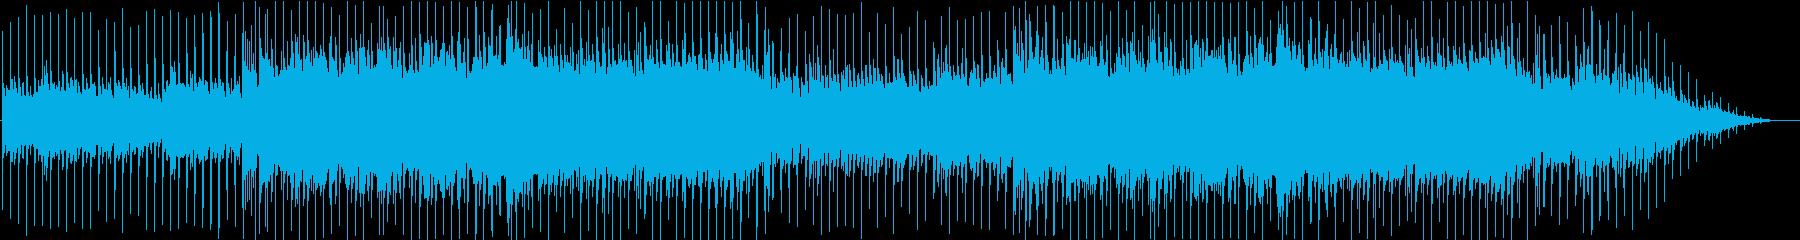 明るく爽やかな日常を意識したBGMの再生済みの波形